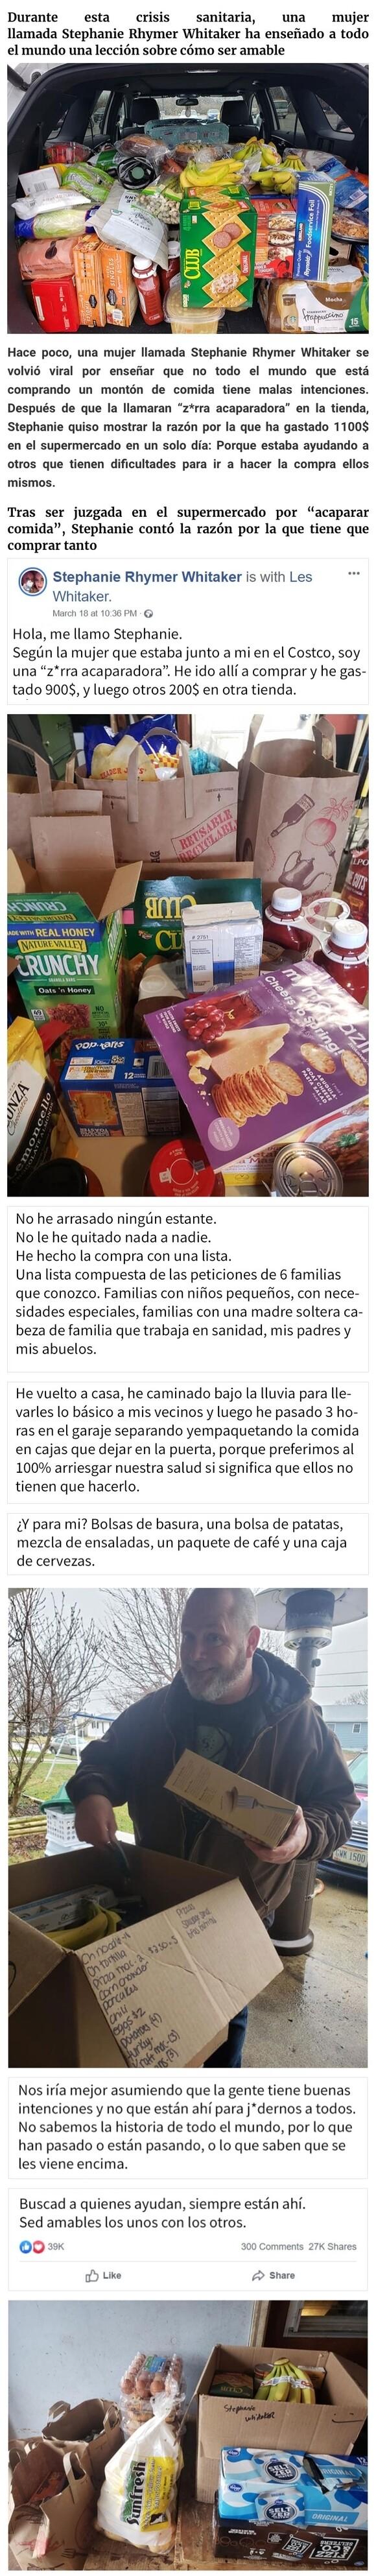 9331 - Esta mujer fue llamada acaparadora por gastar 1100$ en el supermercado, explica que está comprando para 6 familias